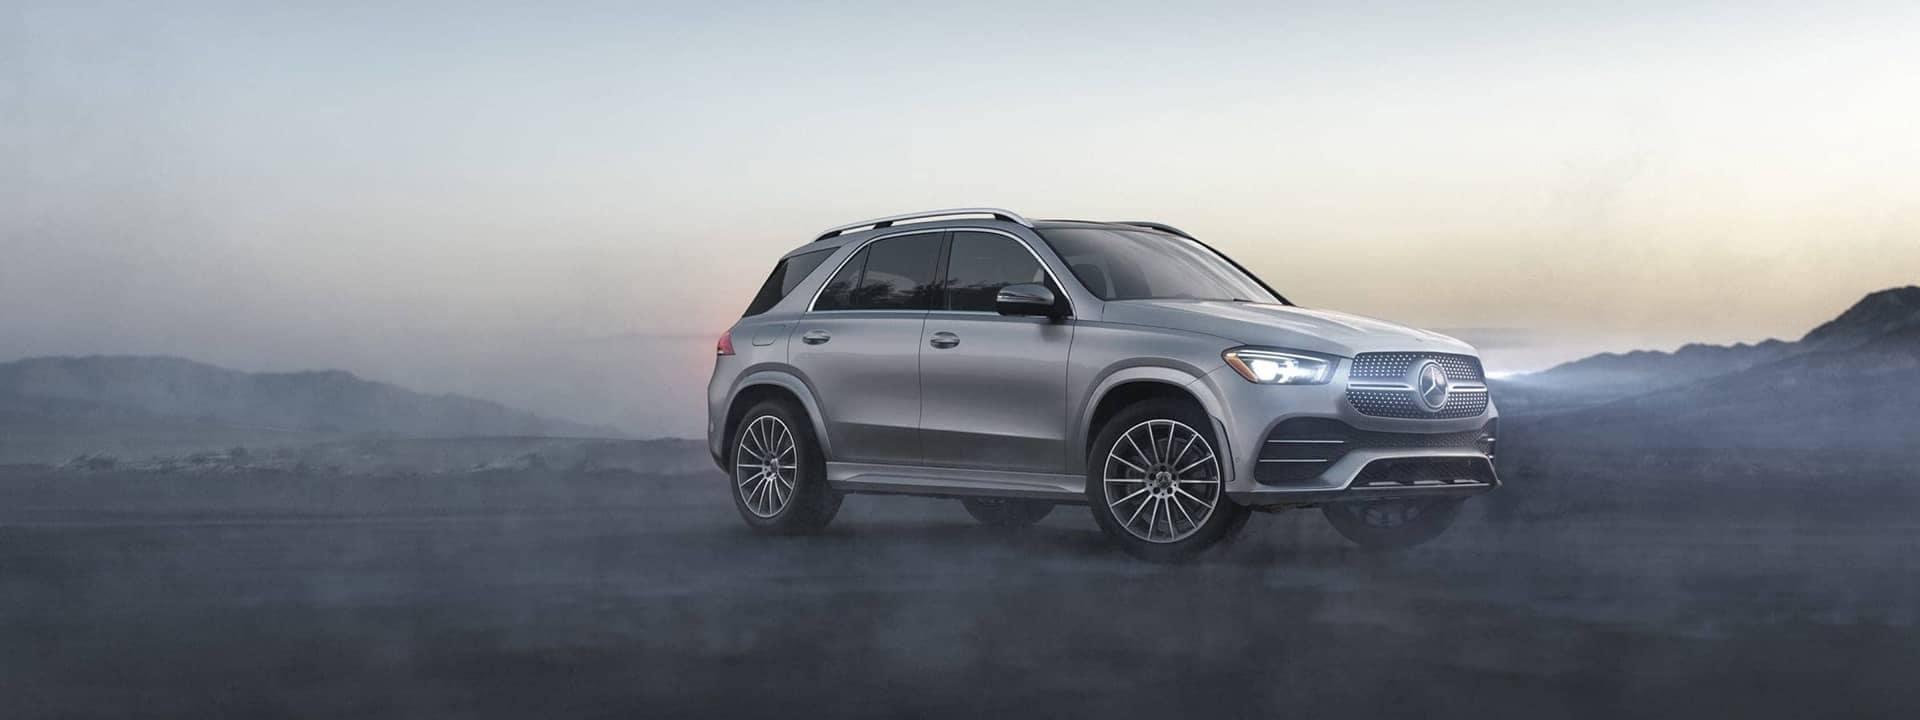 2020 GLE SUV parked overlooking mountain sunset